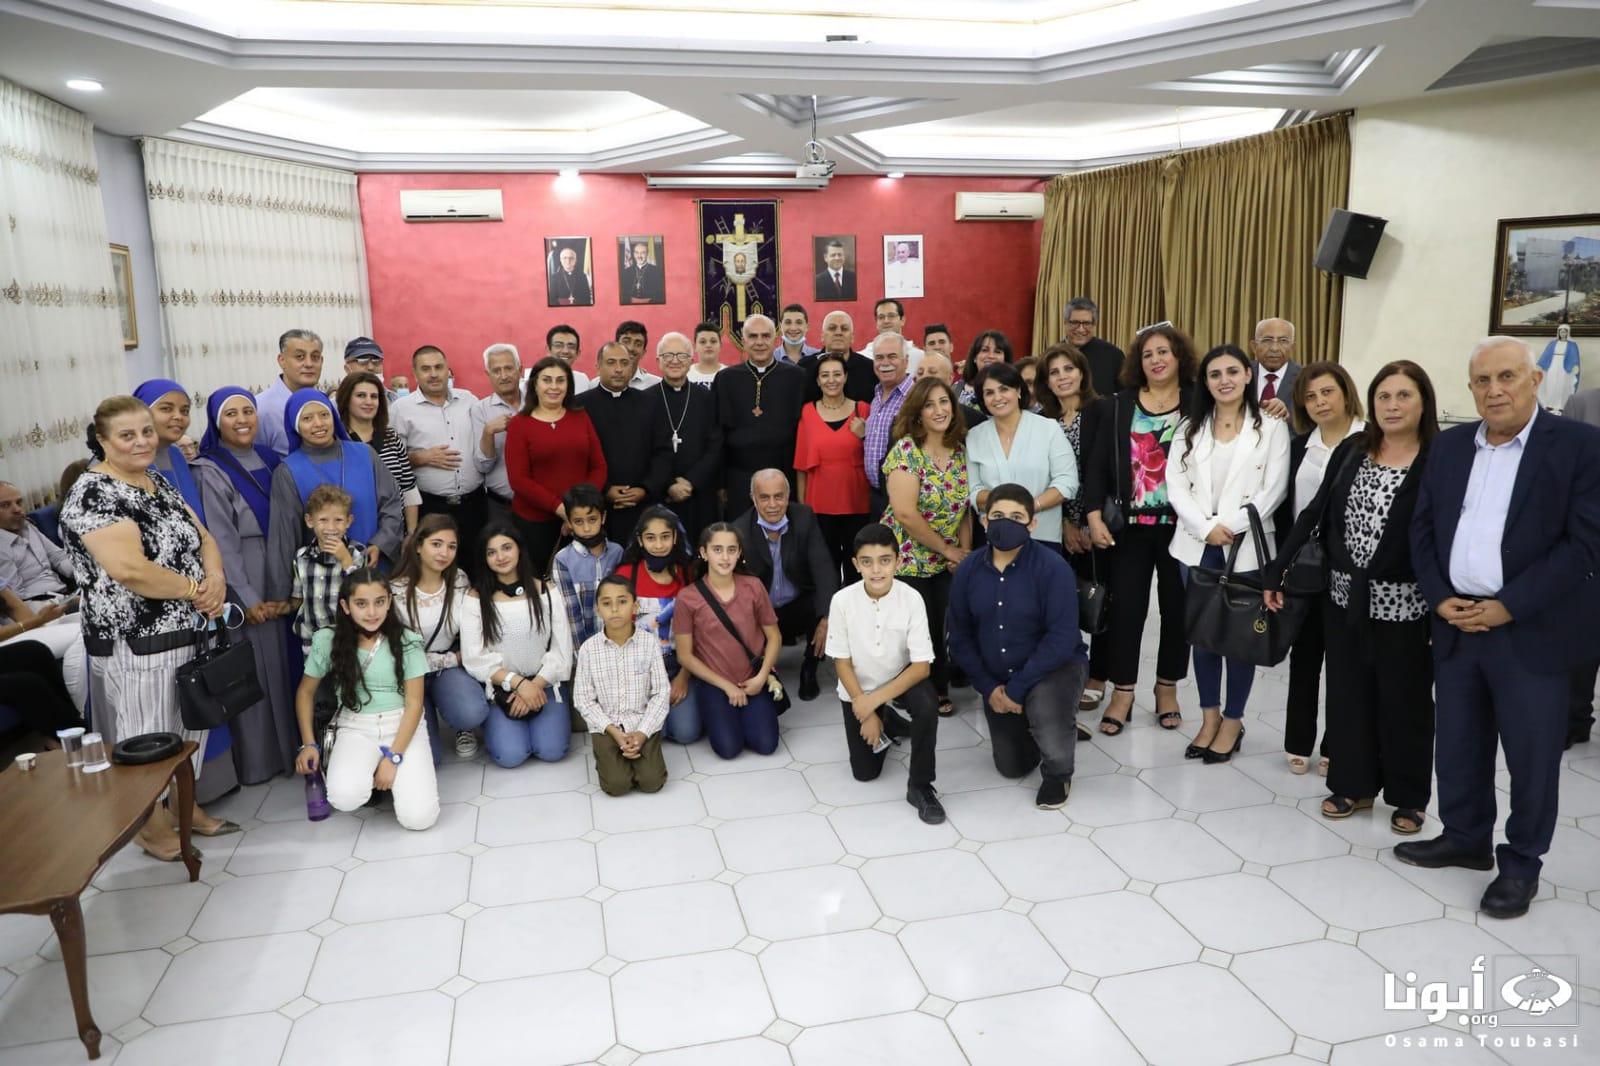 Jordania - Visita al Nuevo Obispo de Jordania al Hogar